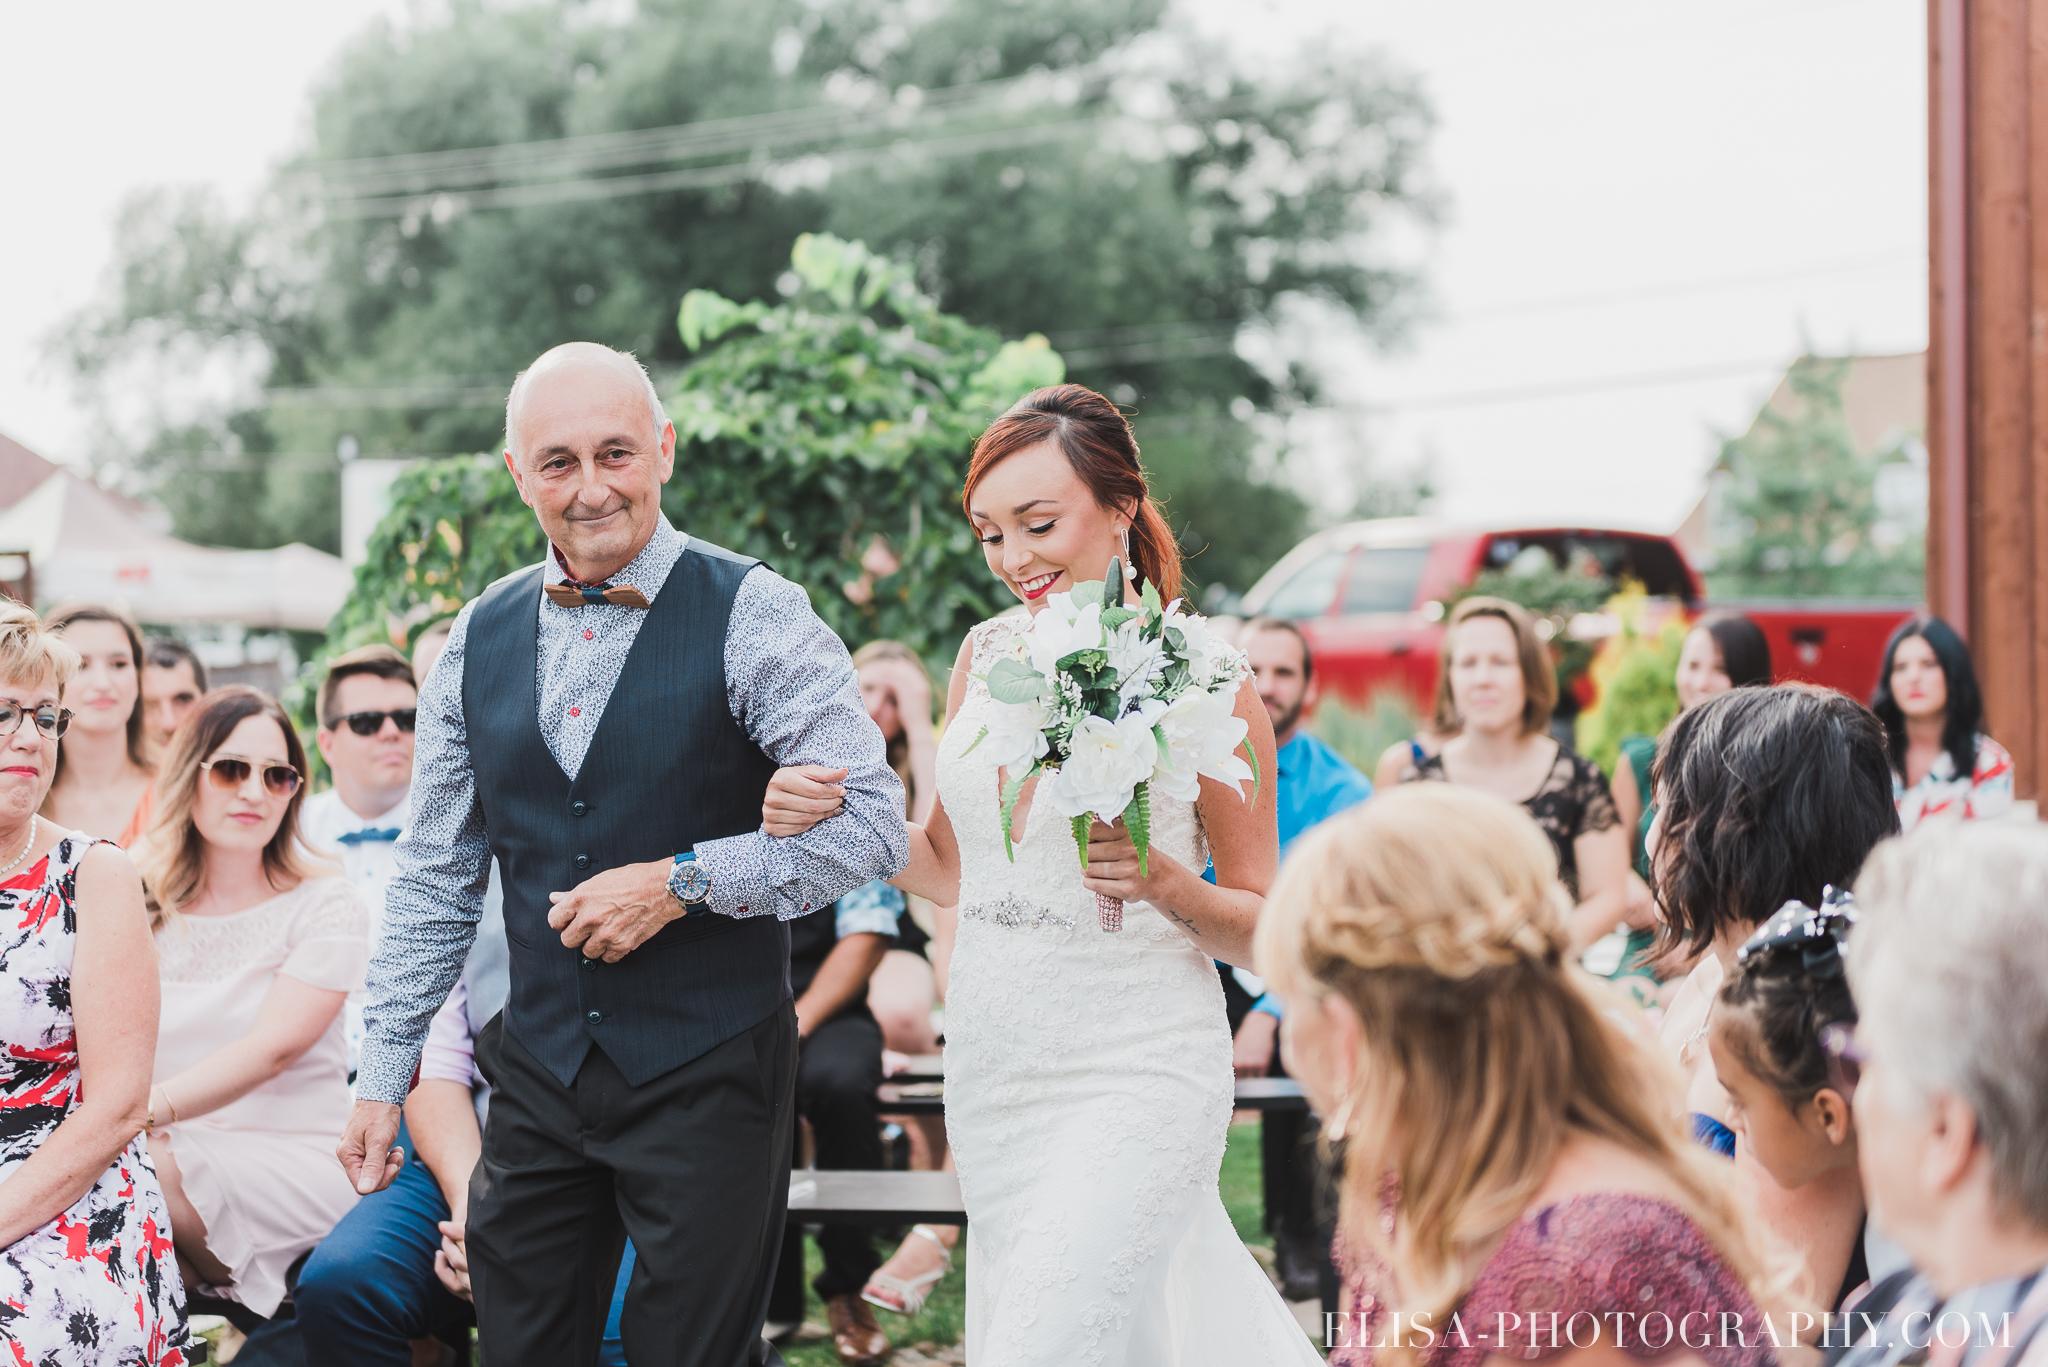 photo mariage ferme genest ceremonie verger pommier quebec 1296 - Smoke bomb et mariage dans les vergers de la Ferme Genest à Saint-Nicolas